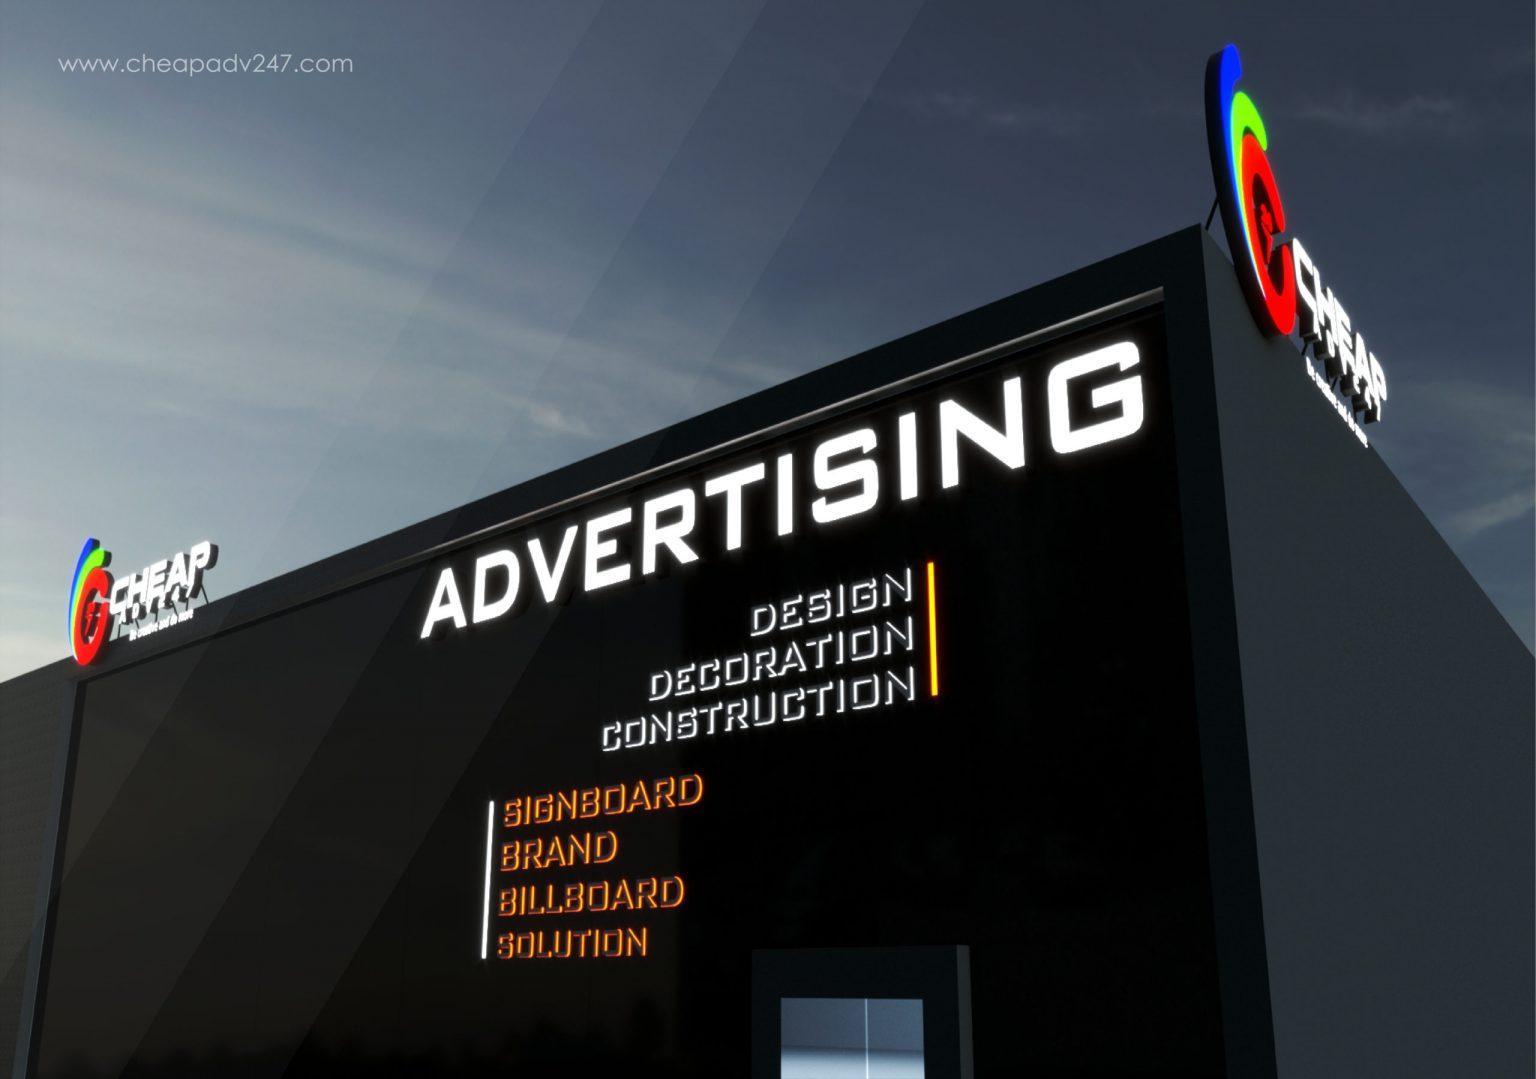 Công ty làm bảng hiệu quảng cáo tại TPHCM - CHEAPADV247